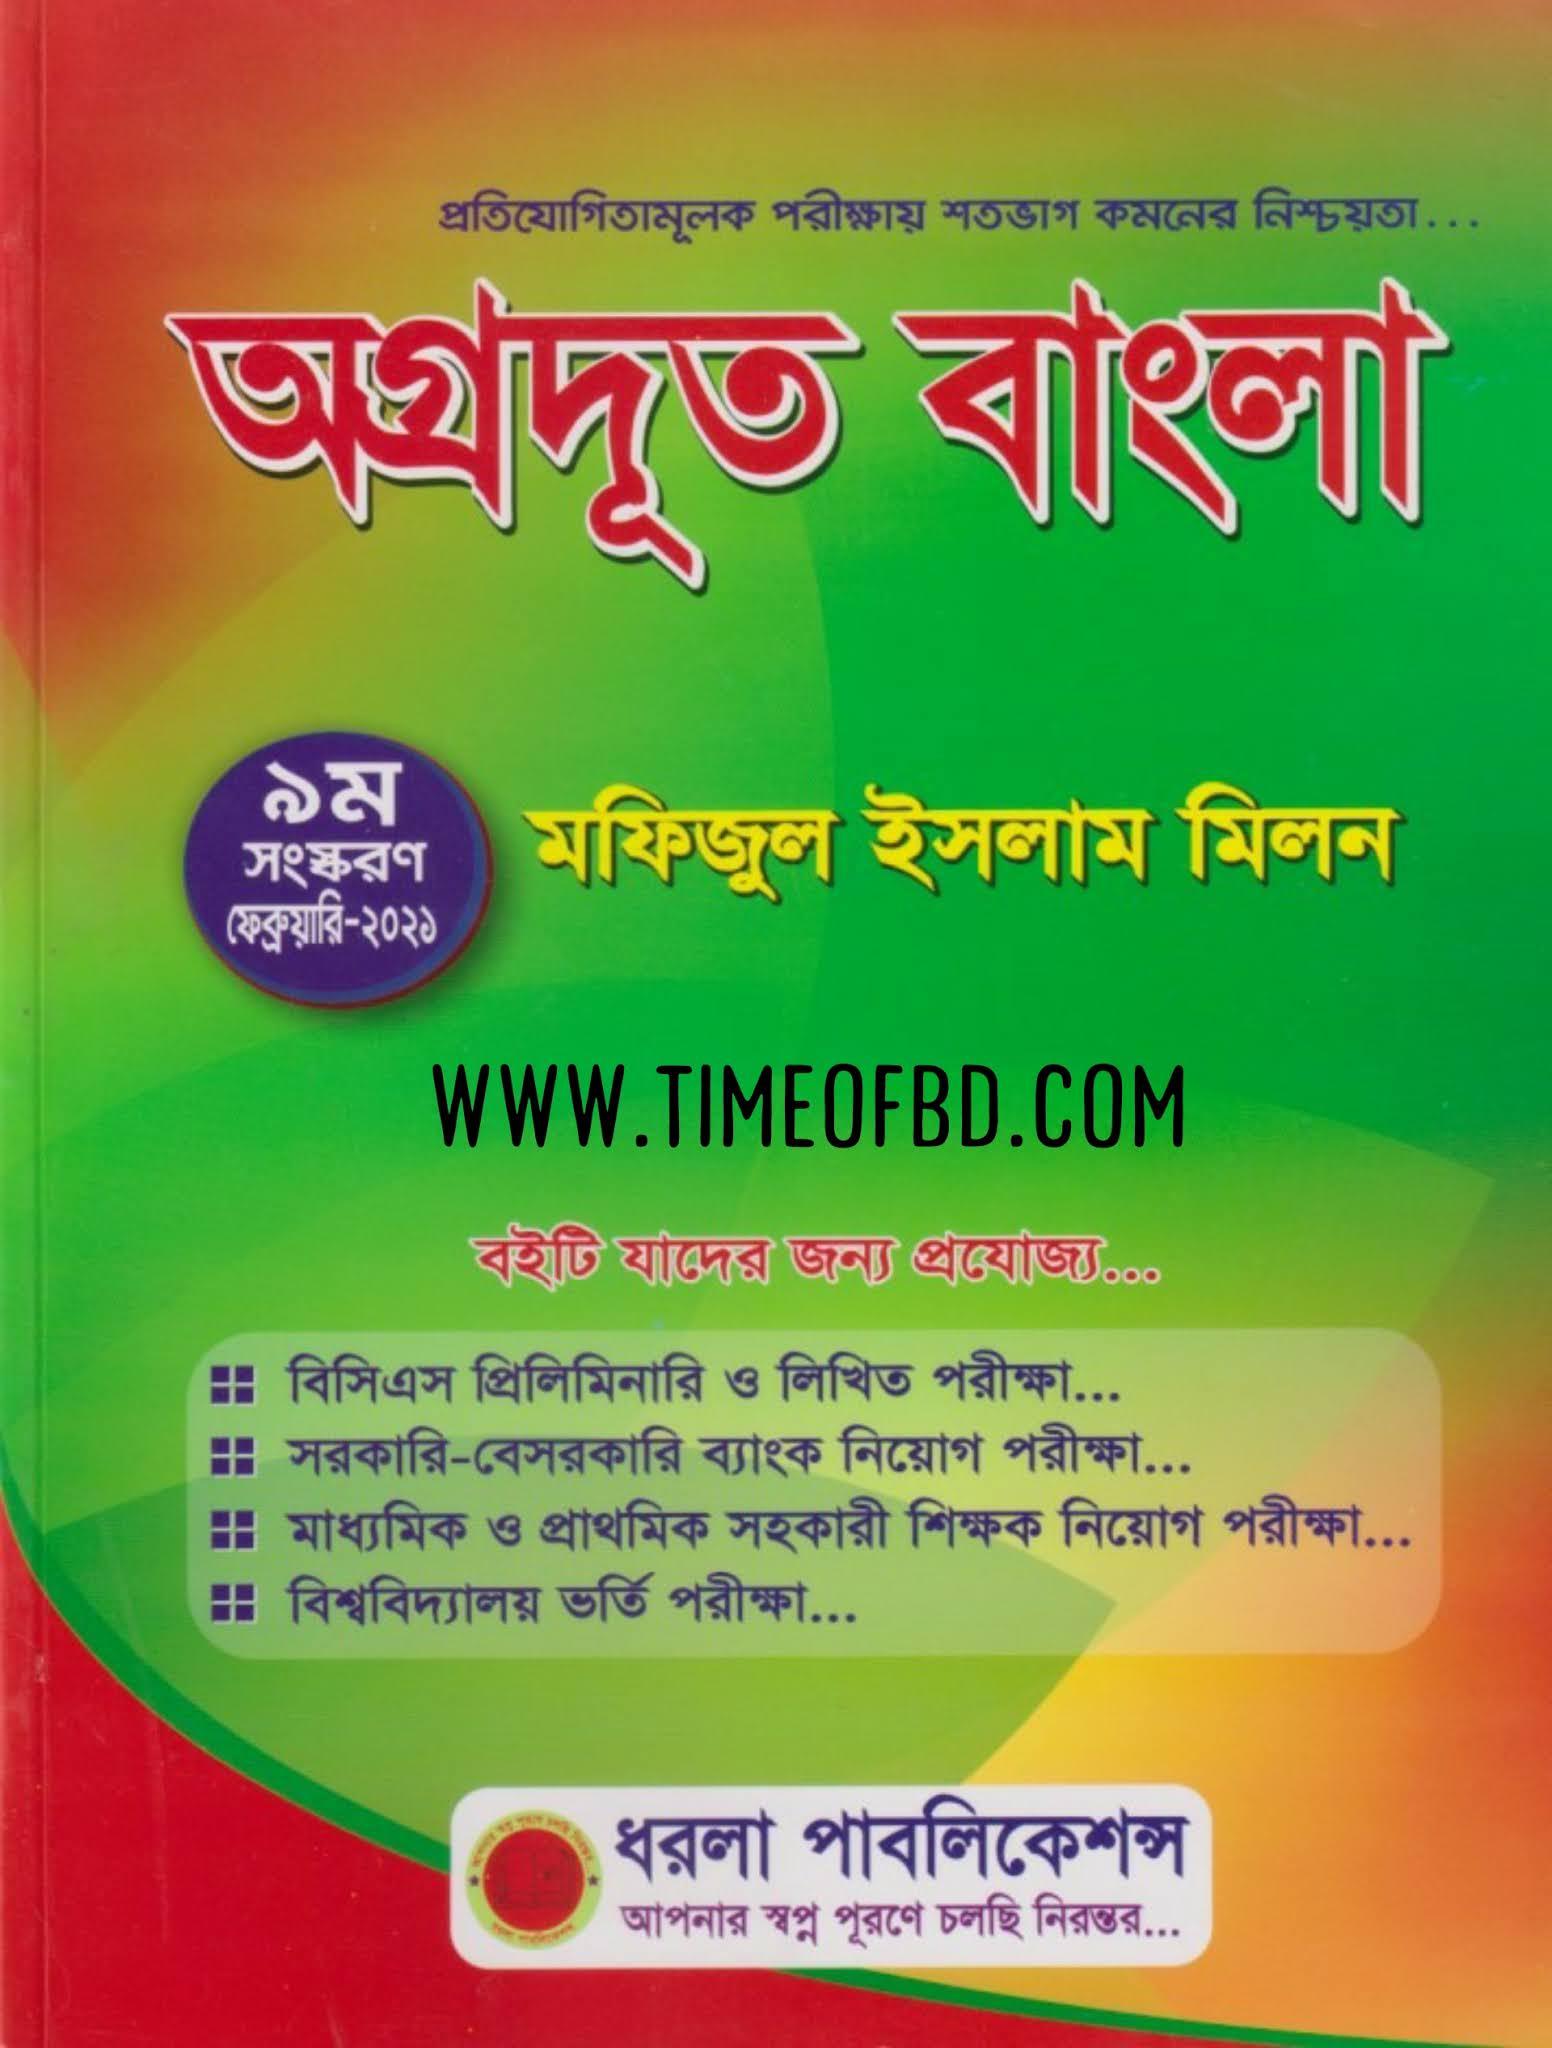 ogrodut bangla book pdf download link,ogrodut bangla book pdf download,ogrodut bangla book pdf, ogrodut bangla book